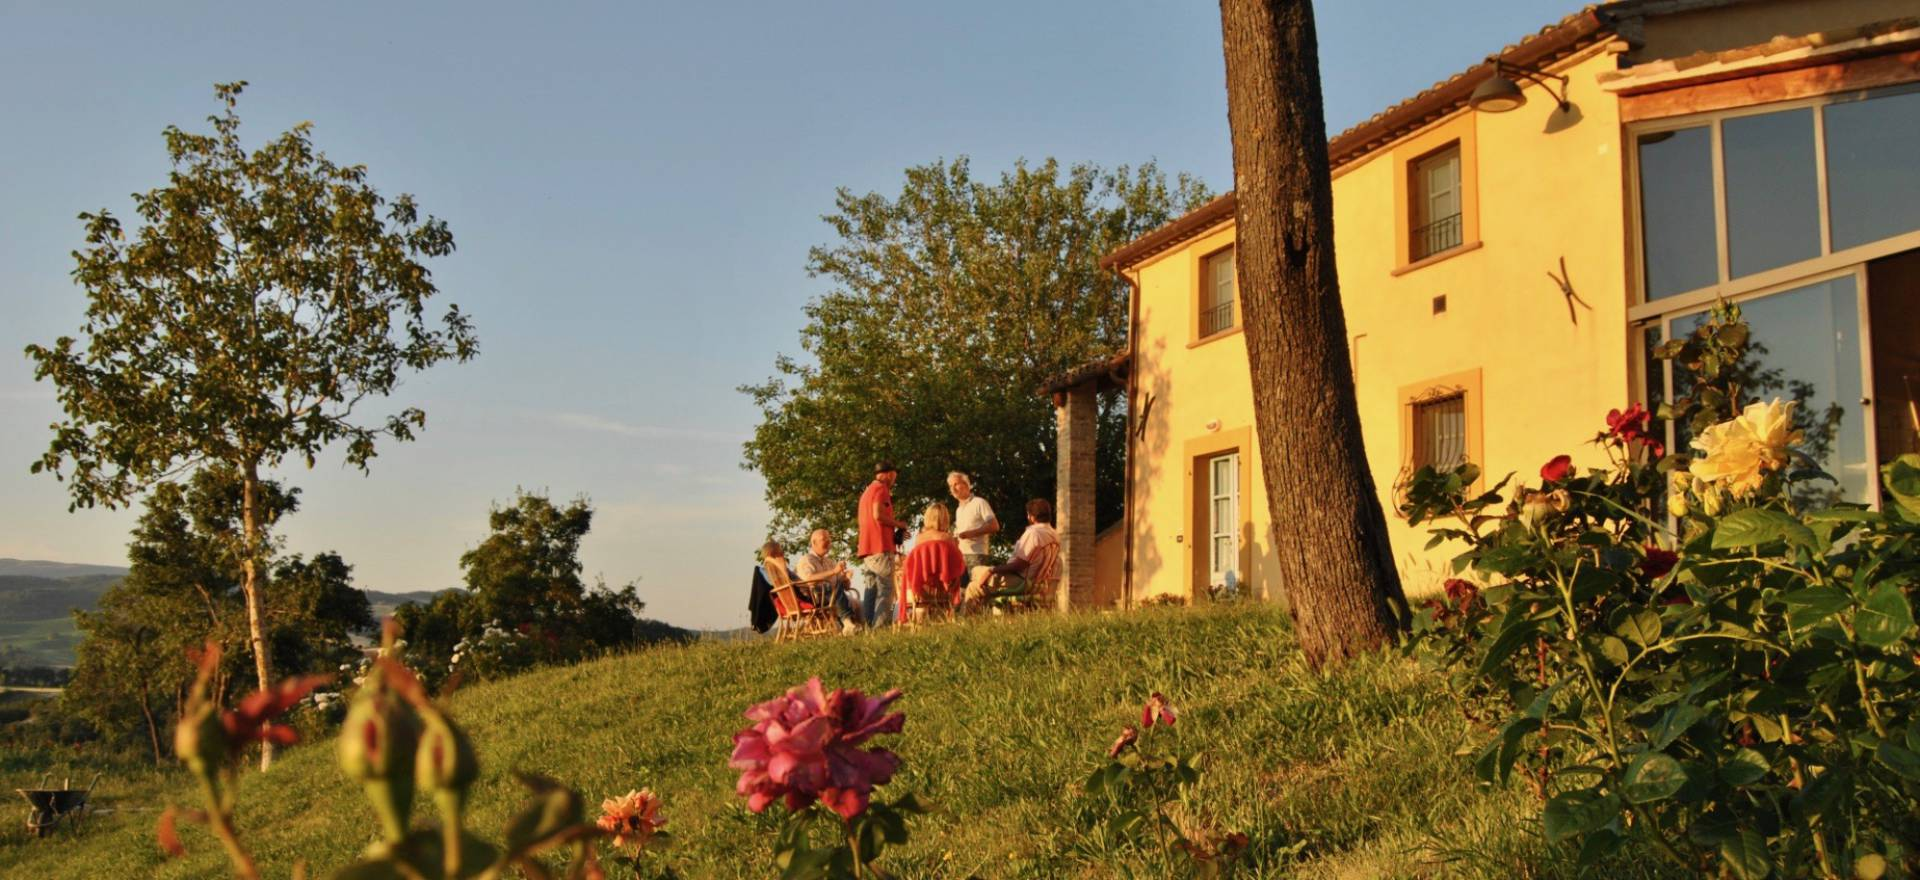 Agriturismo le Marche, gezellige sfeer en kindvriendelijk